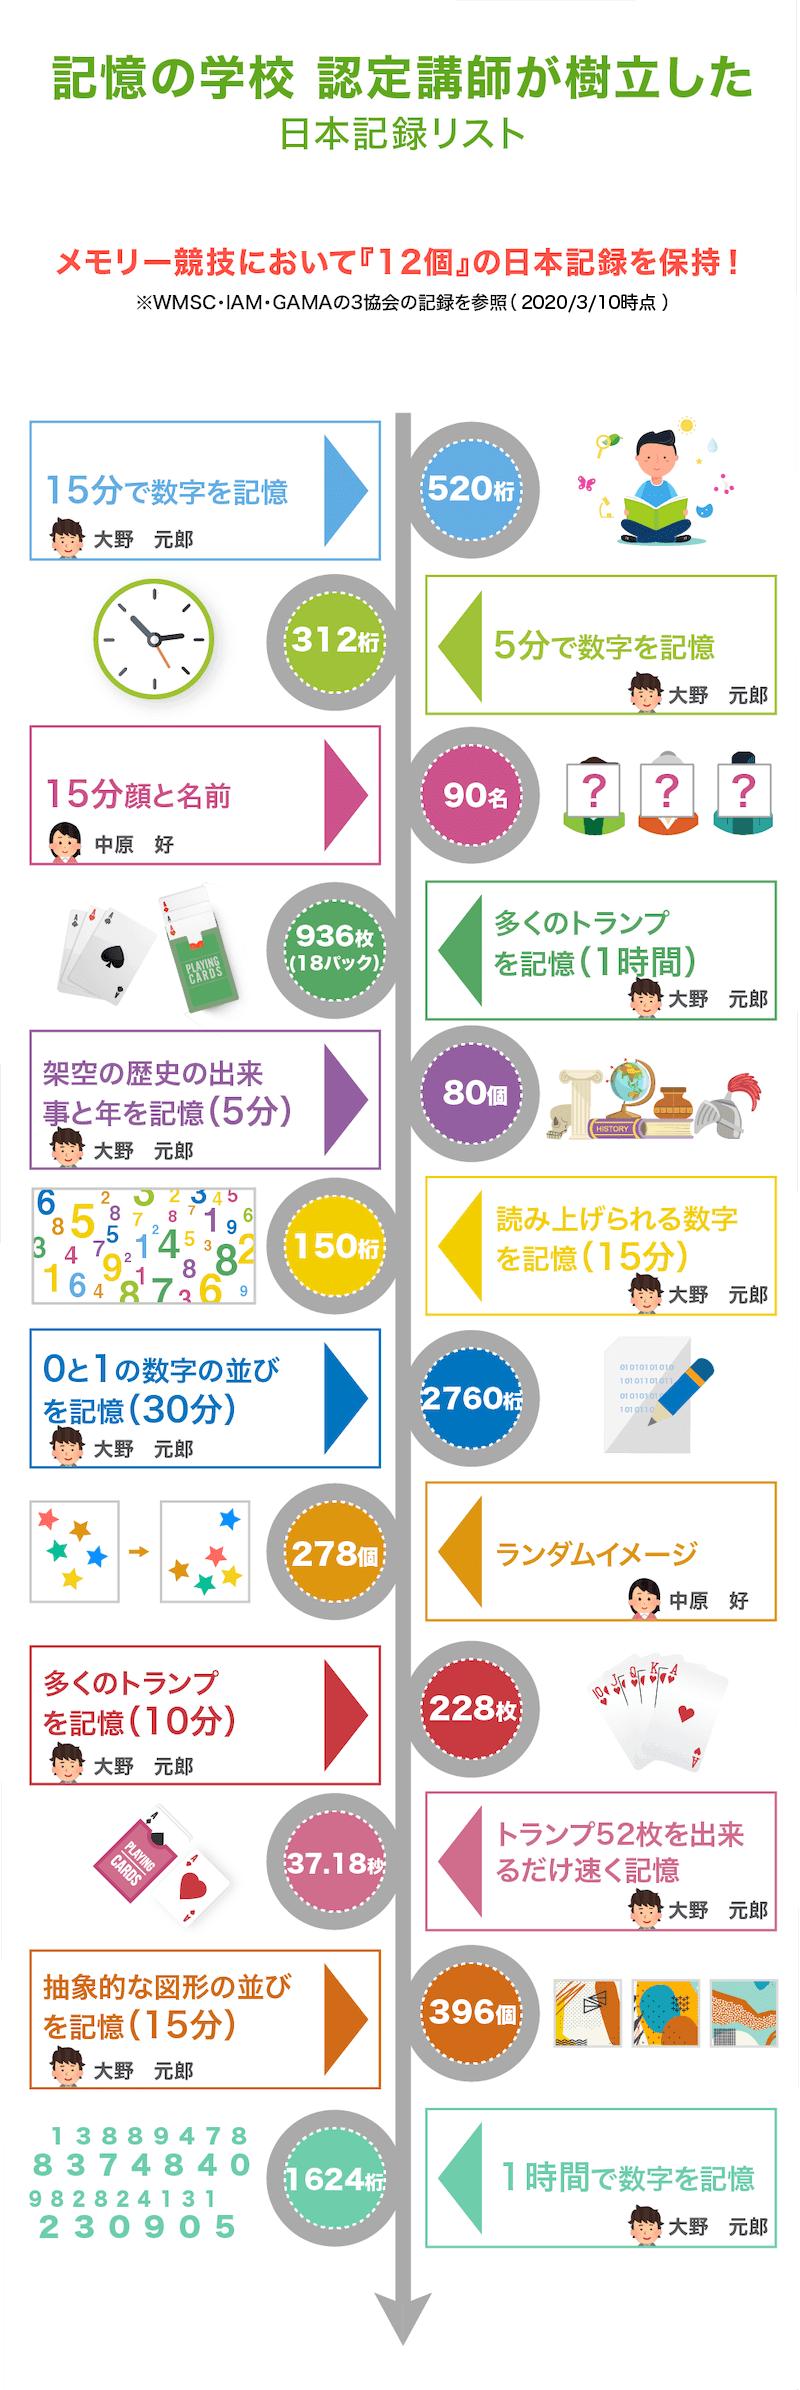 日本記録リスト